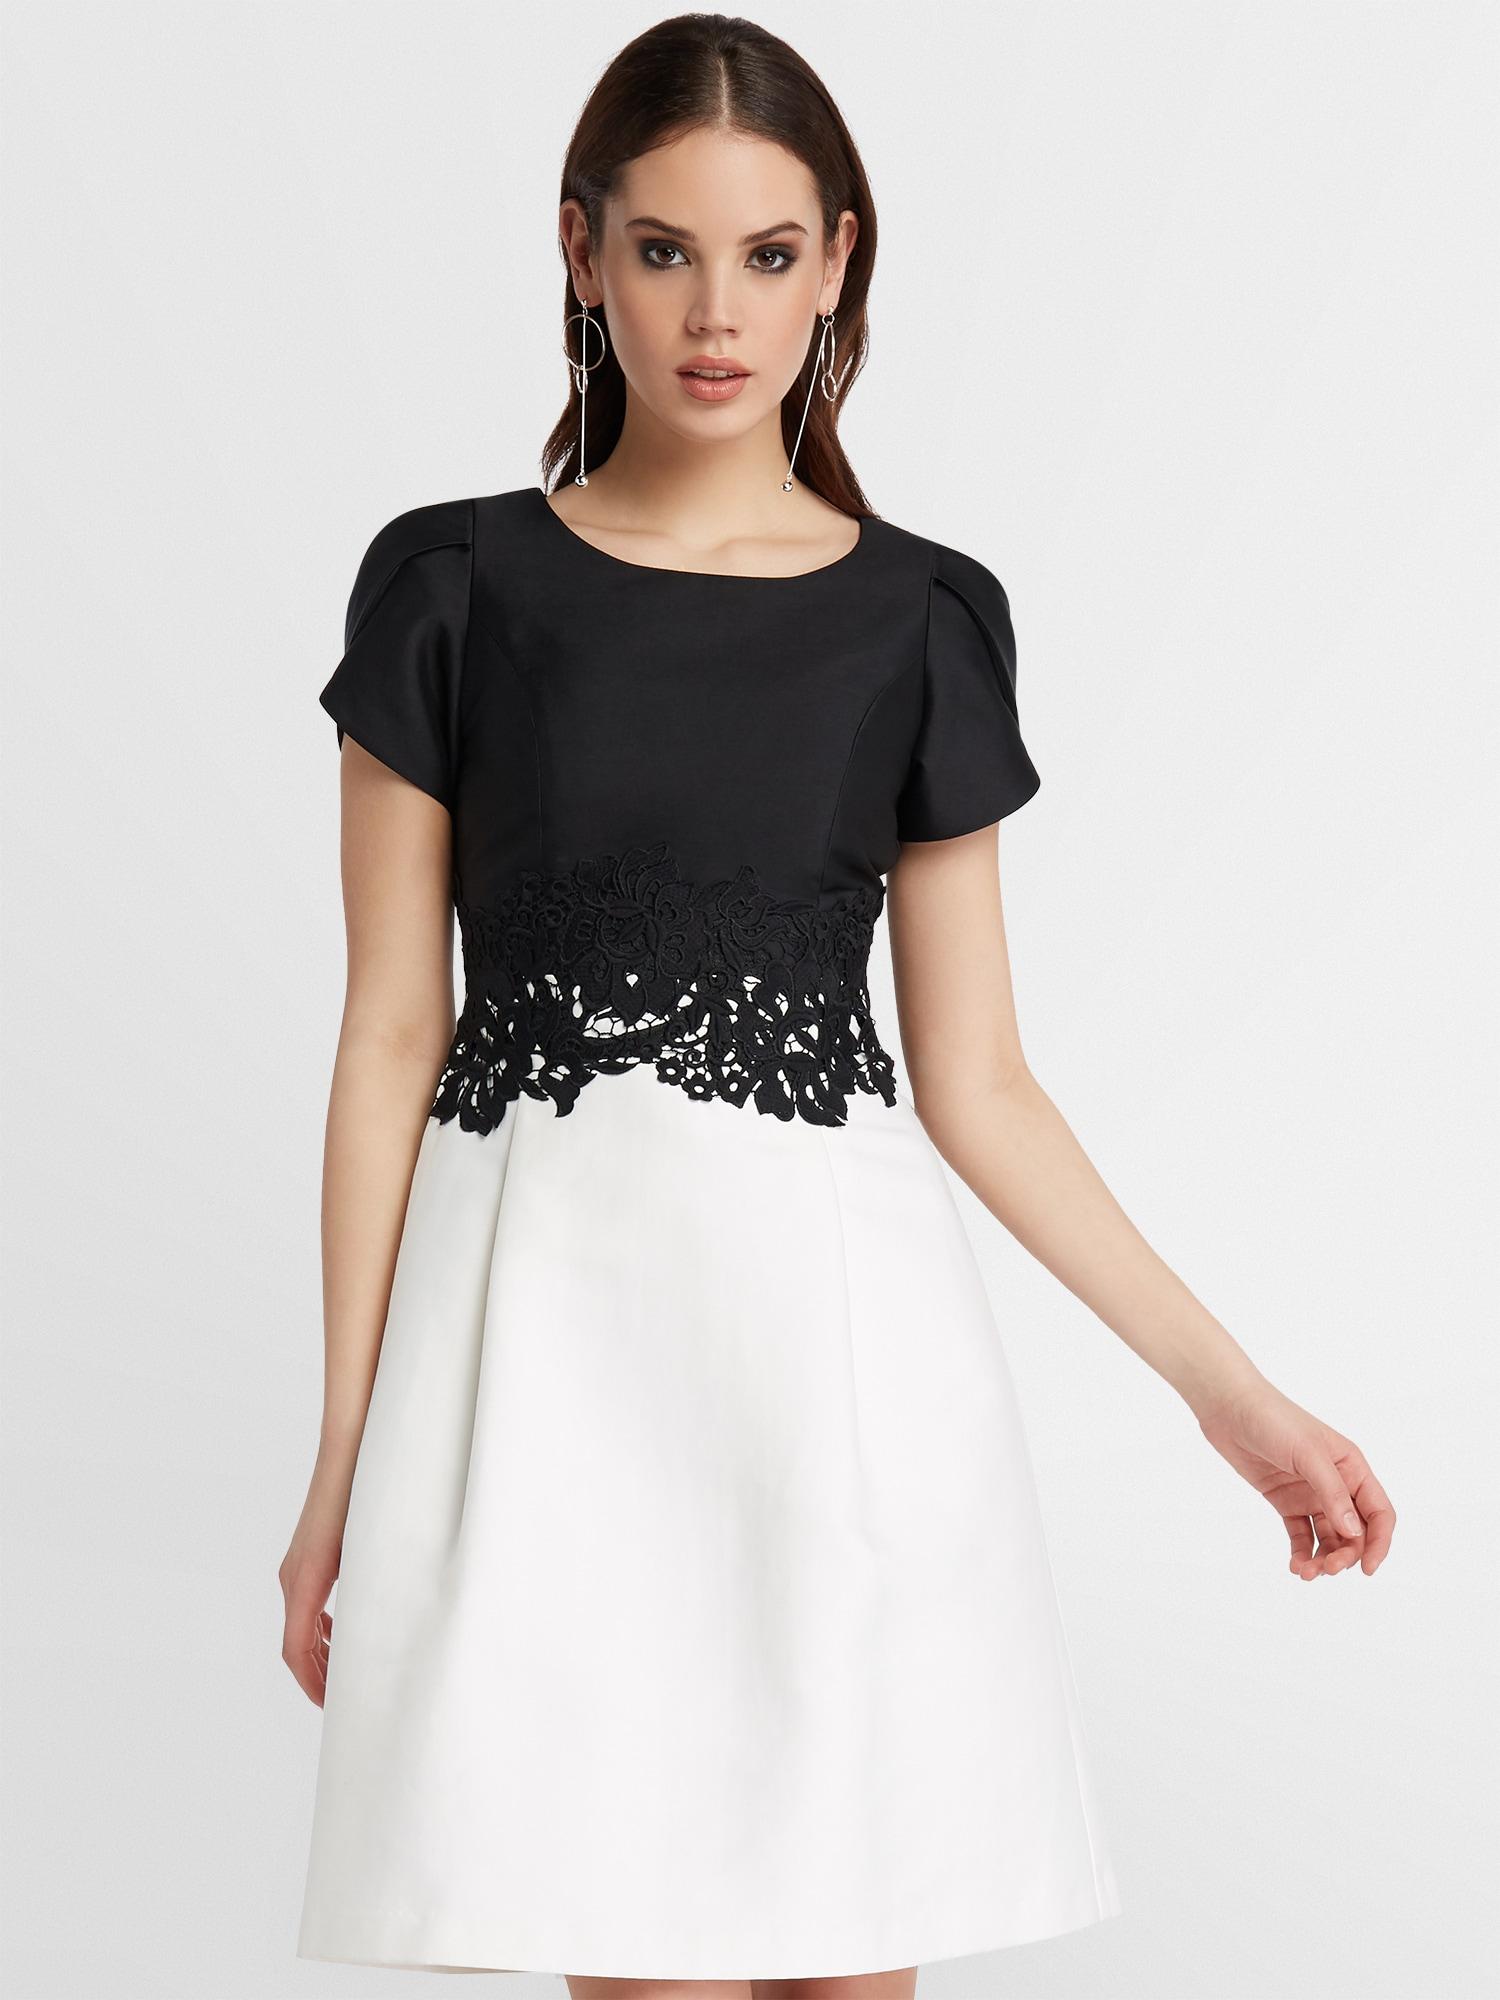 APART Kleid creme / schwarz - Schwarzes Kleid